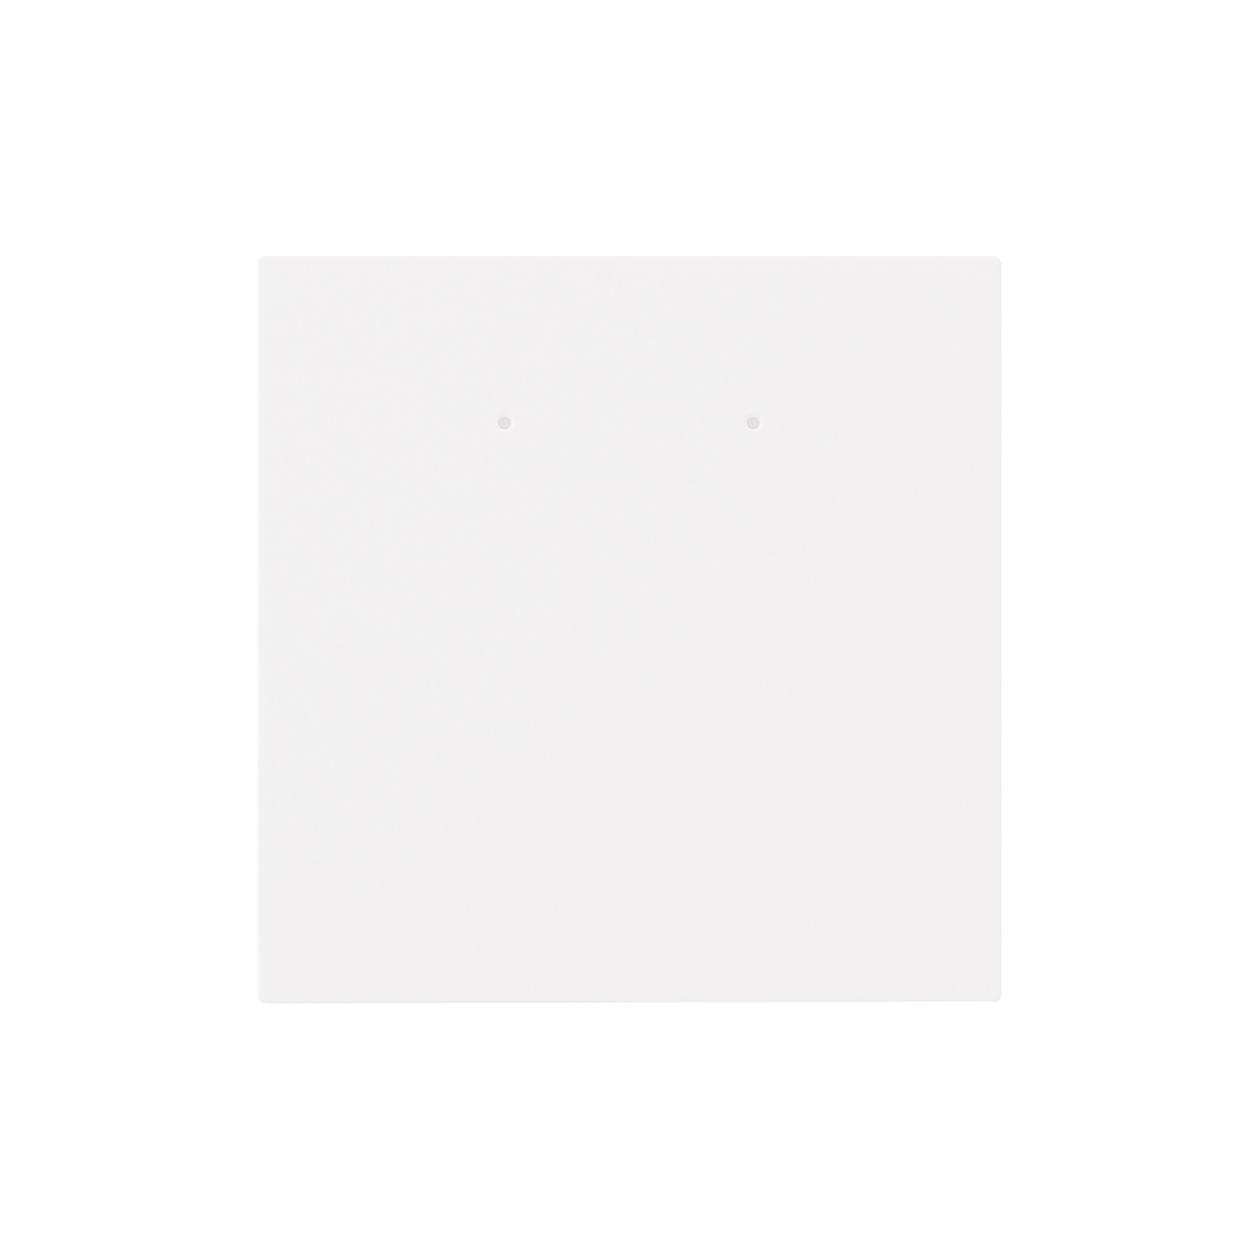 ピアス台紙 90×90上20mm コットンスノーホワイト 348.8g